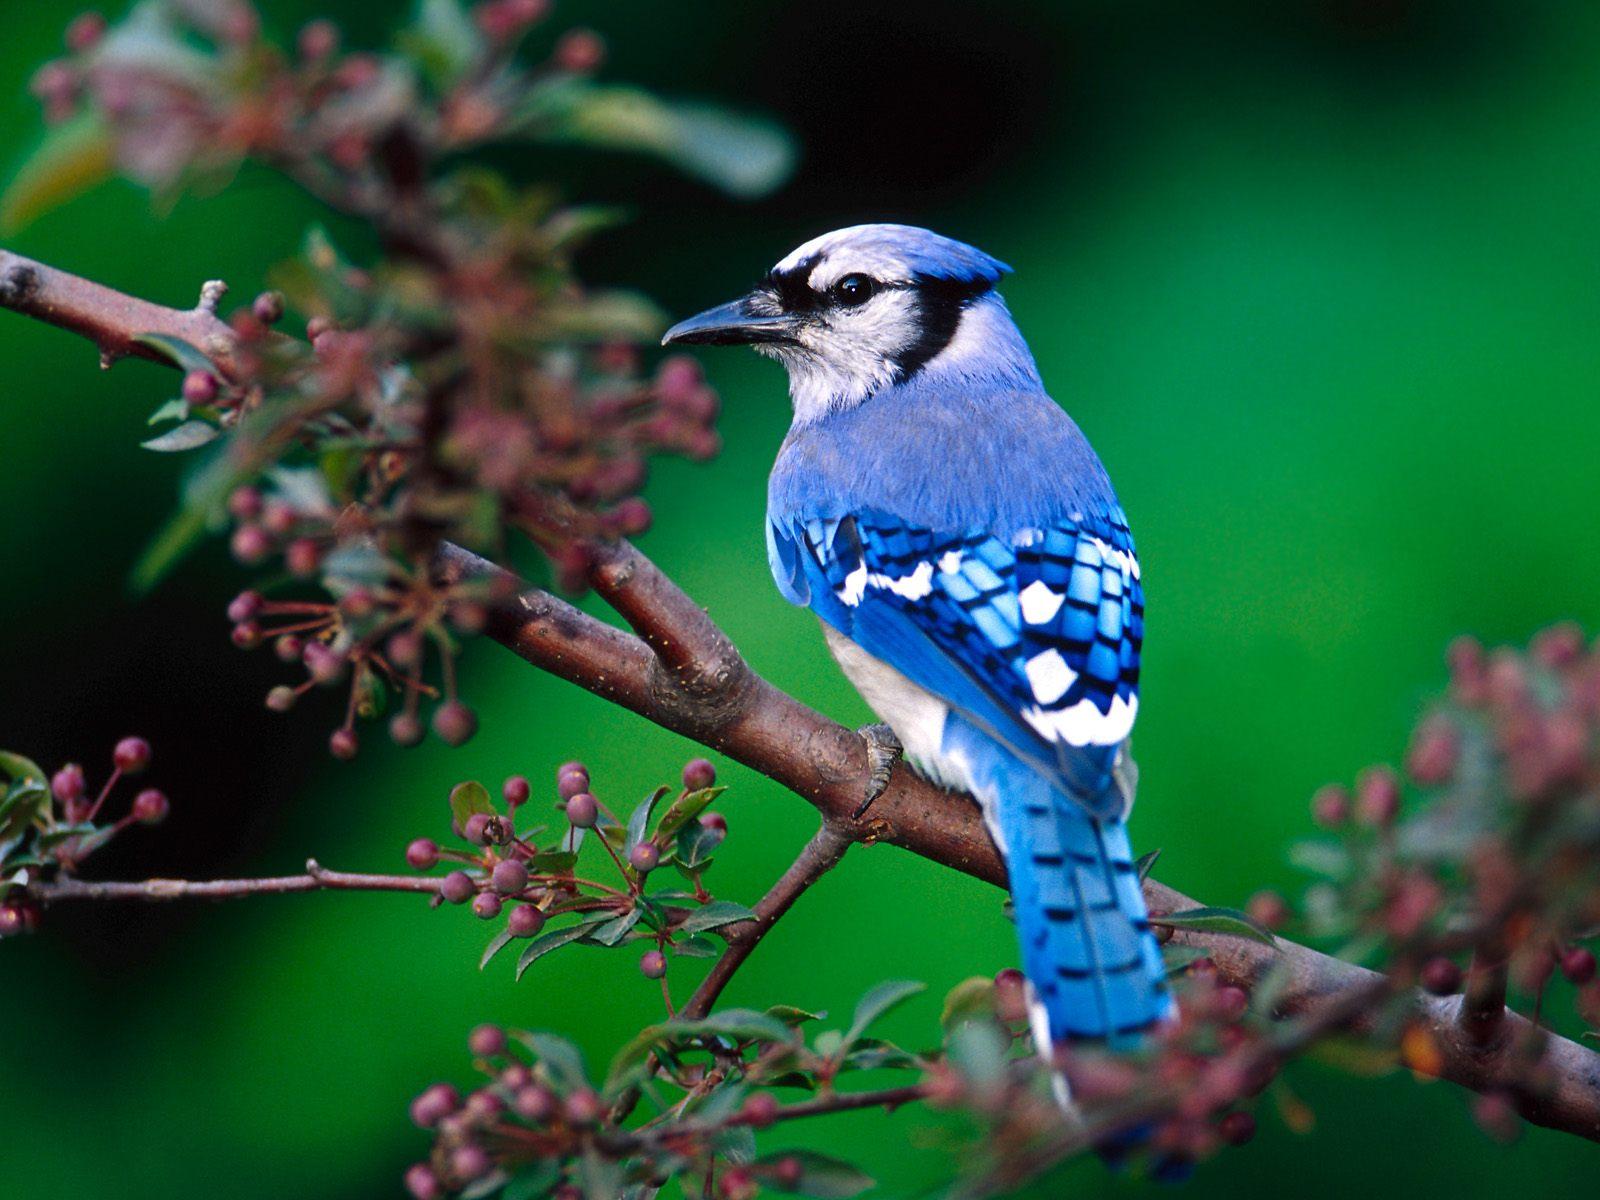 http://3.bp.blogspot.com/_gV-NxB_52J8/TFrzc9n7SFI/AAAAAAAAAdY/DE1PqcOO45k/s1600/beautiful-green-nature-with-birds-bue-jay-bird.JPG